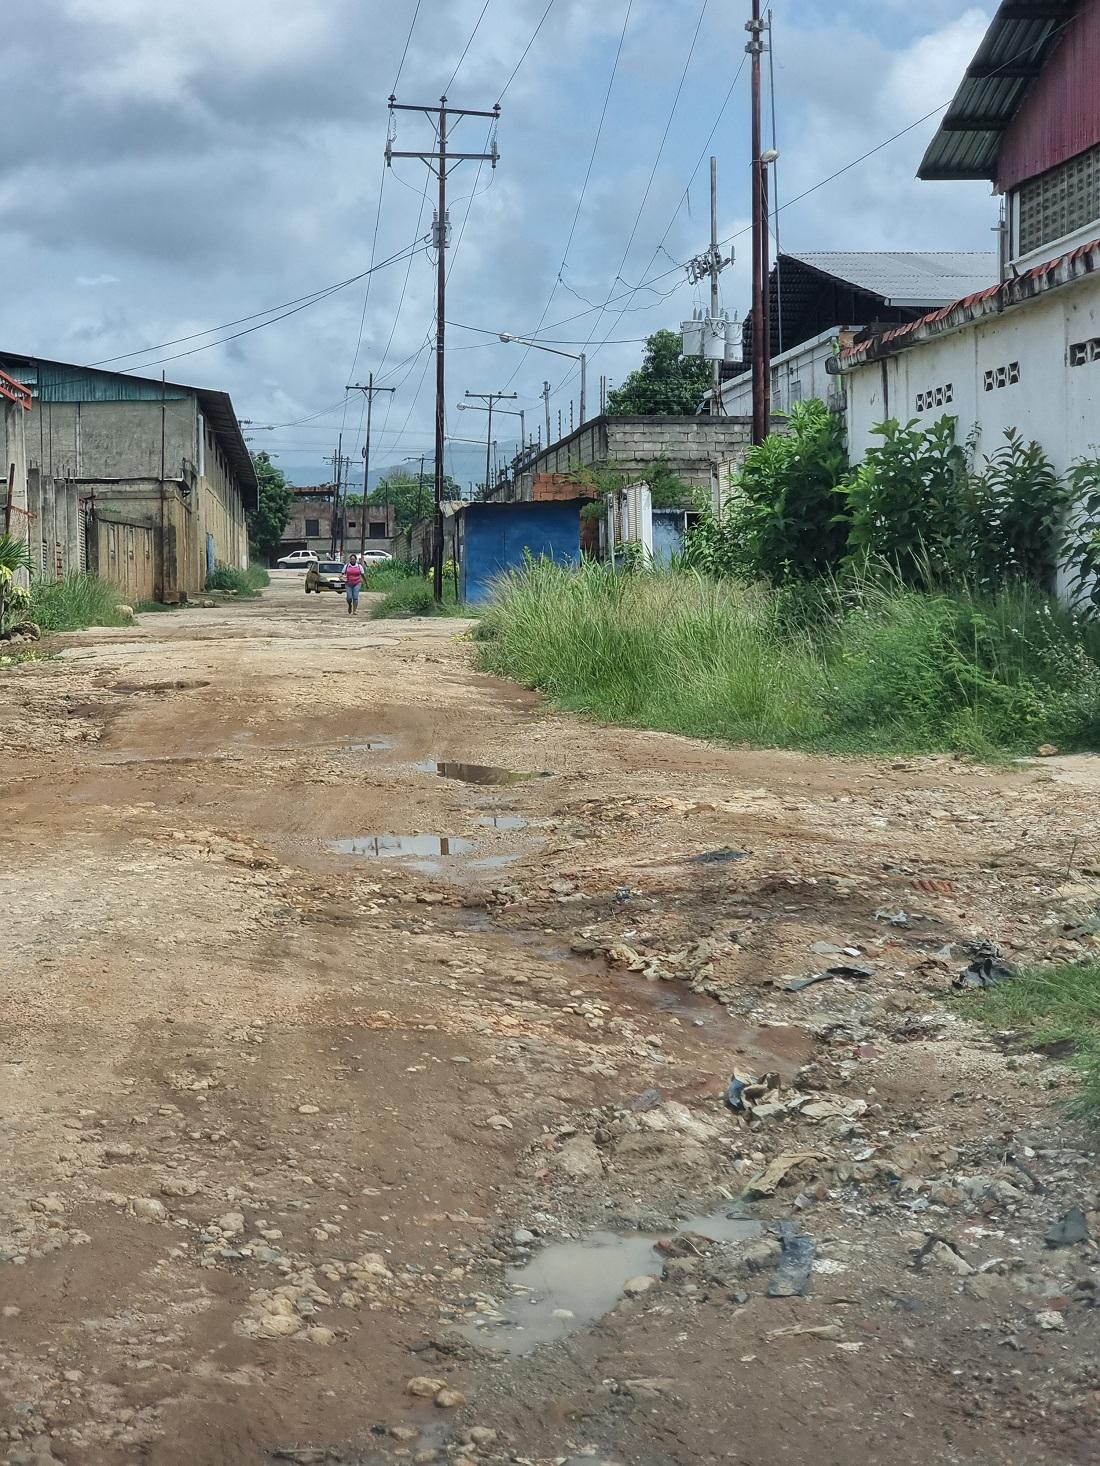 Vecinos de La Yaguara exigen arreglos - Vecinos de La Yaguara exigen arreglos